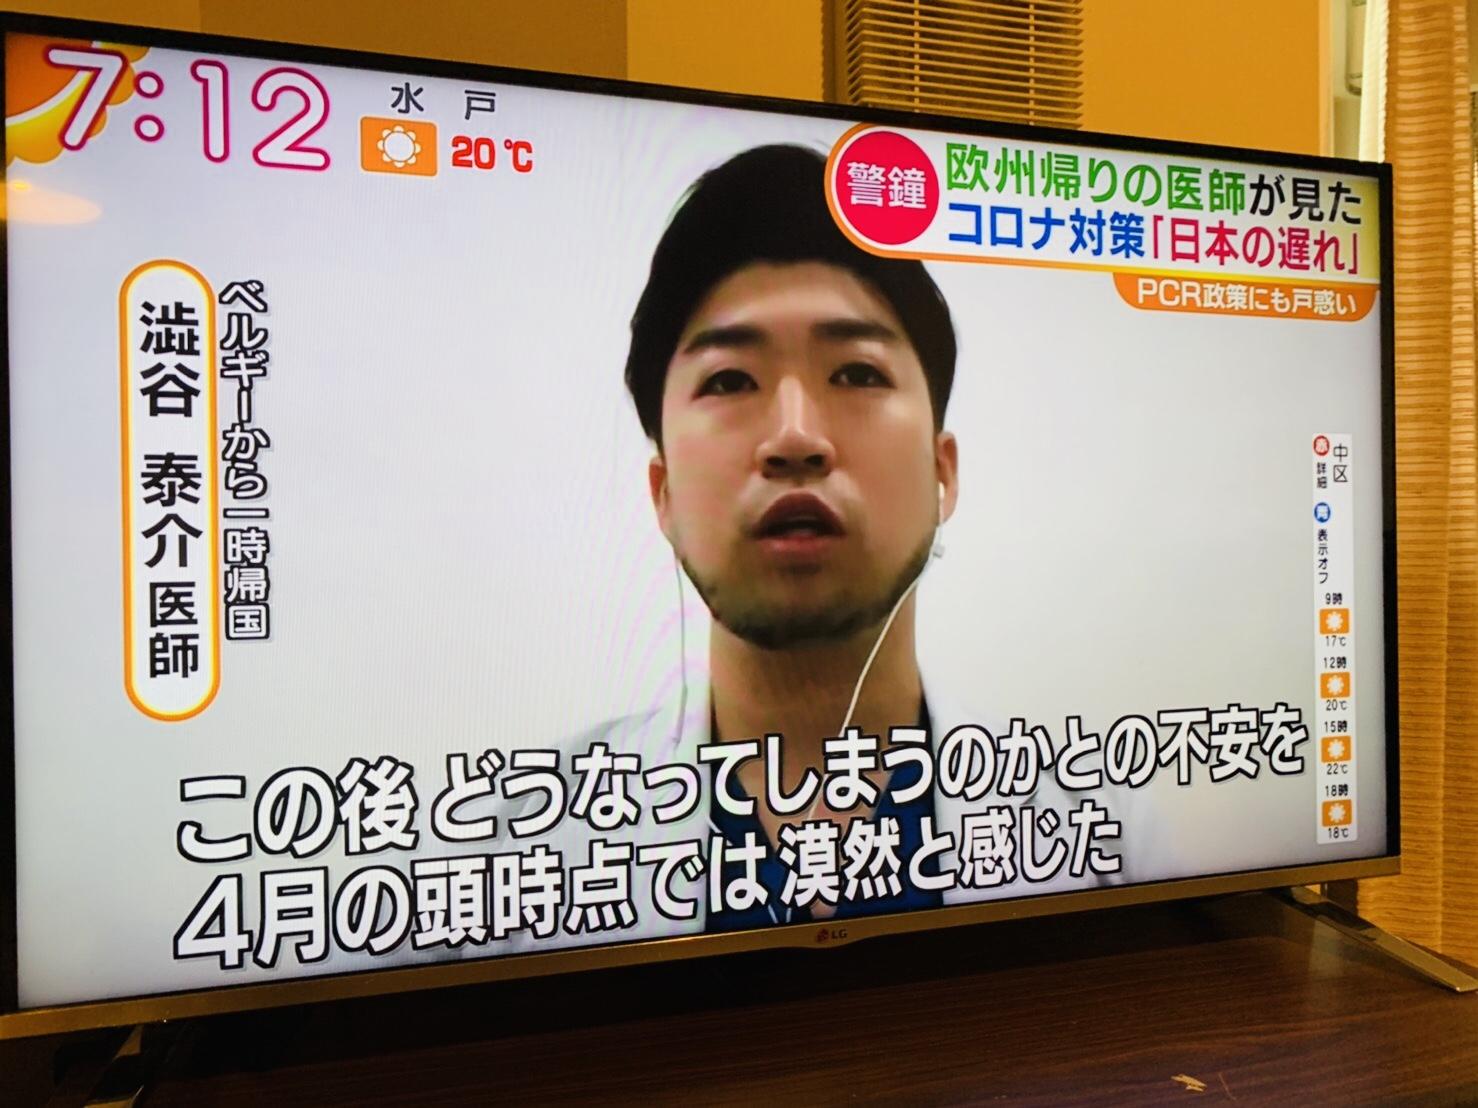 モーニング ショー 岡田 先生